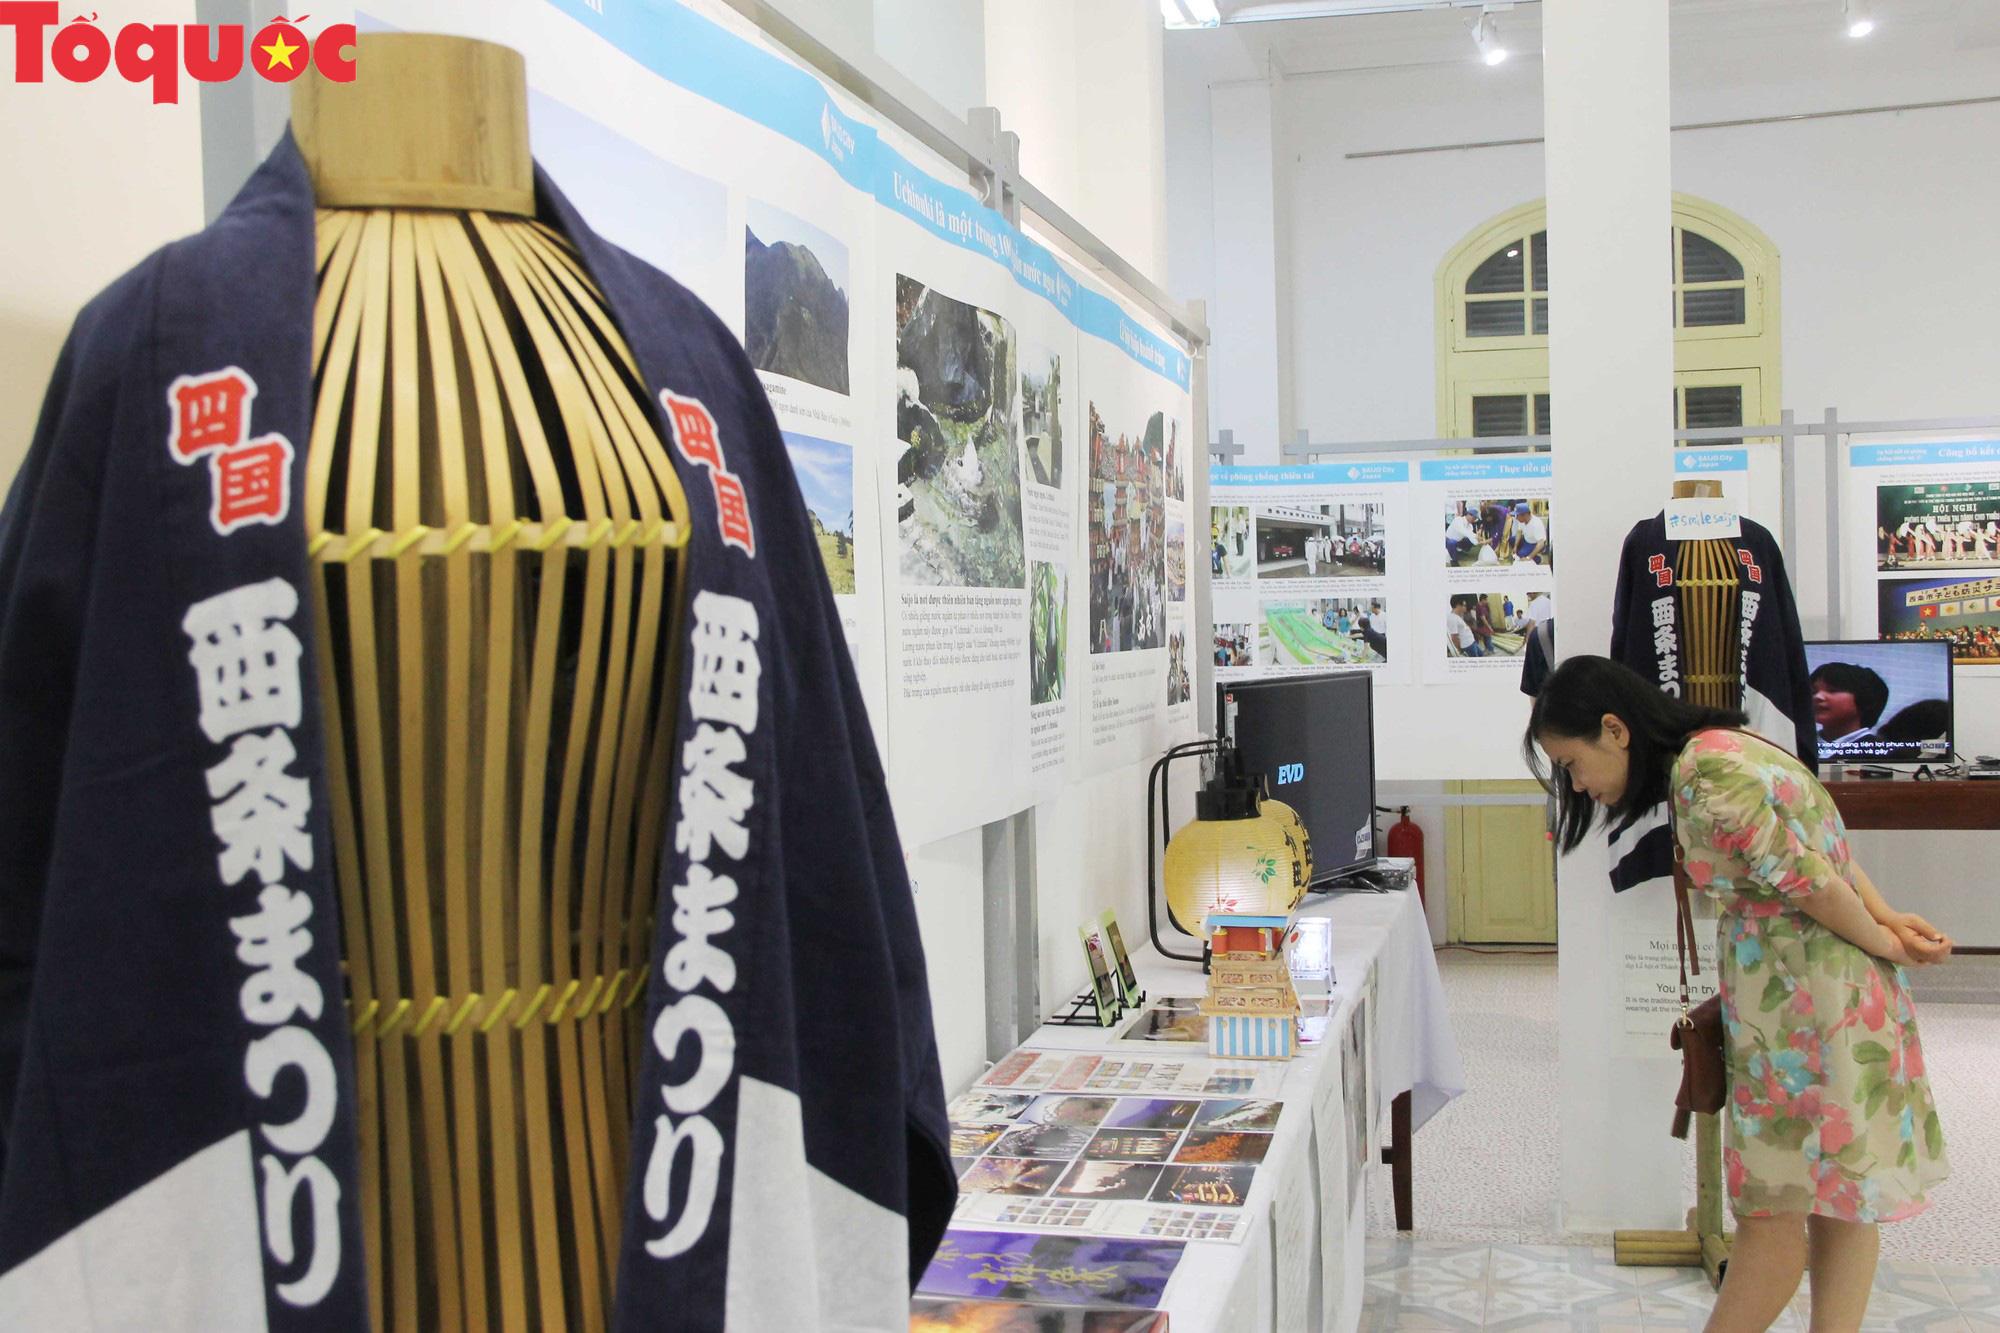 Festival nghề truyền thống Huế ngày càng thu hút các thành phố trên thế giới - Ảnh 2.